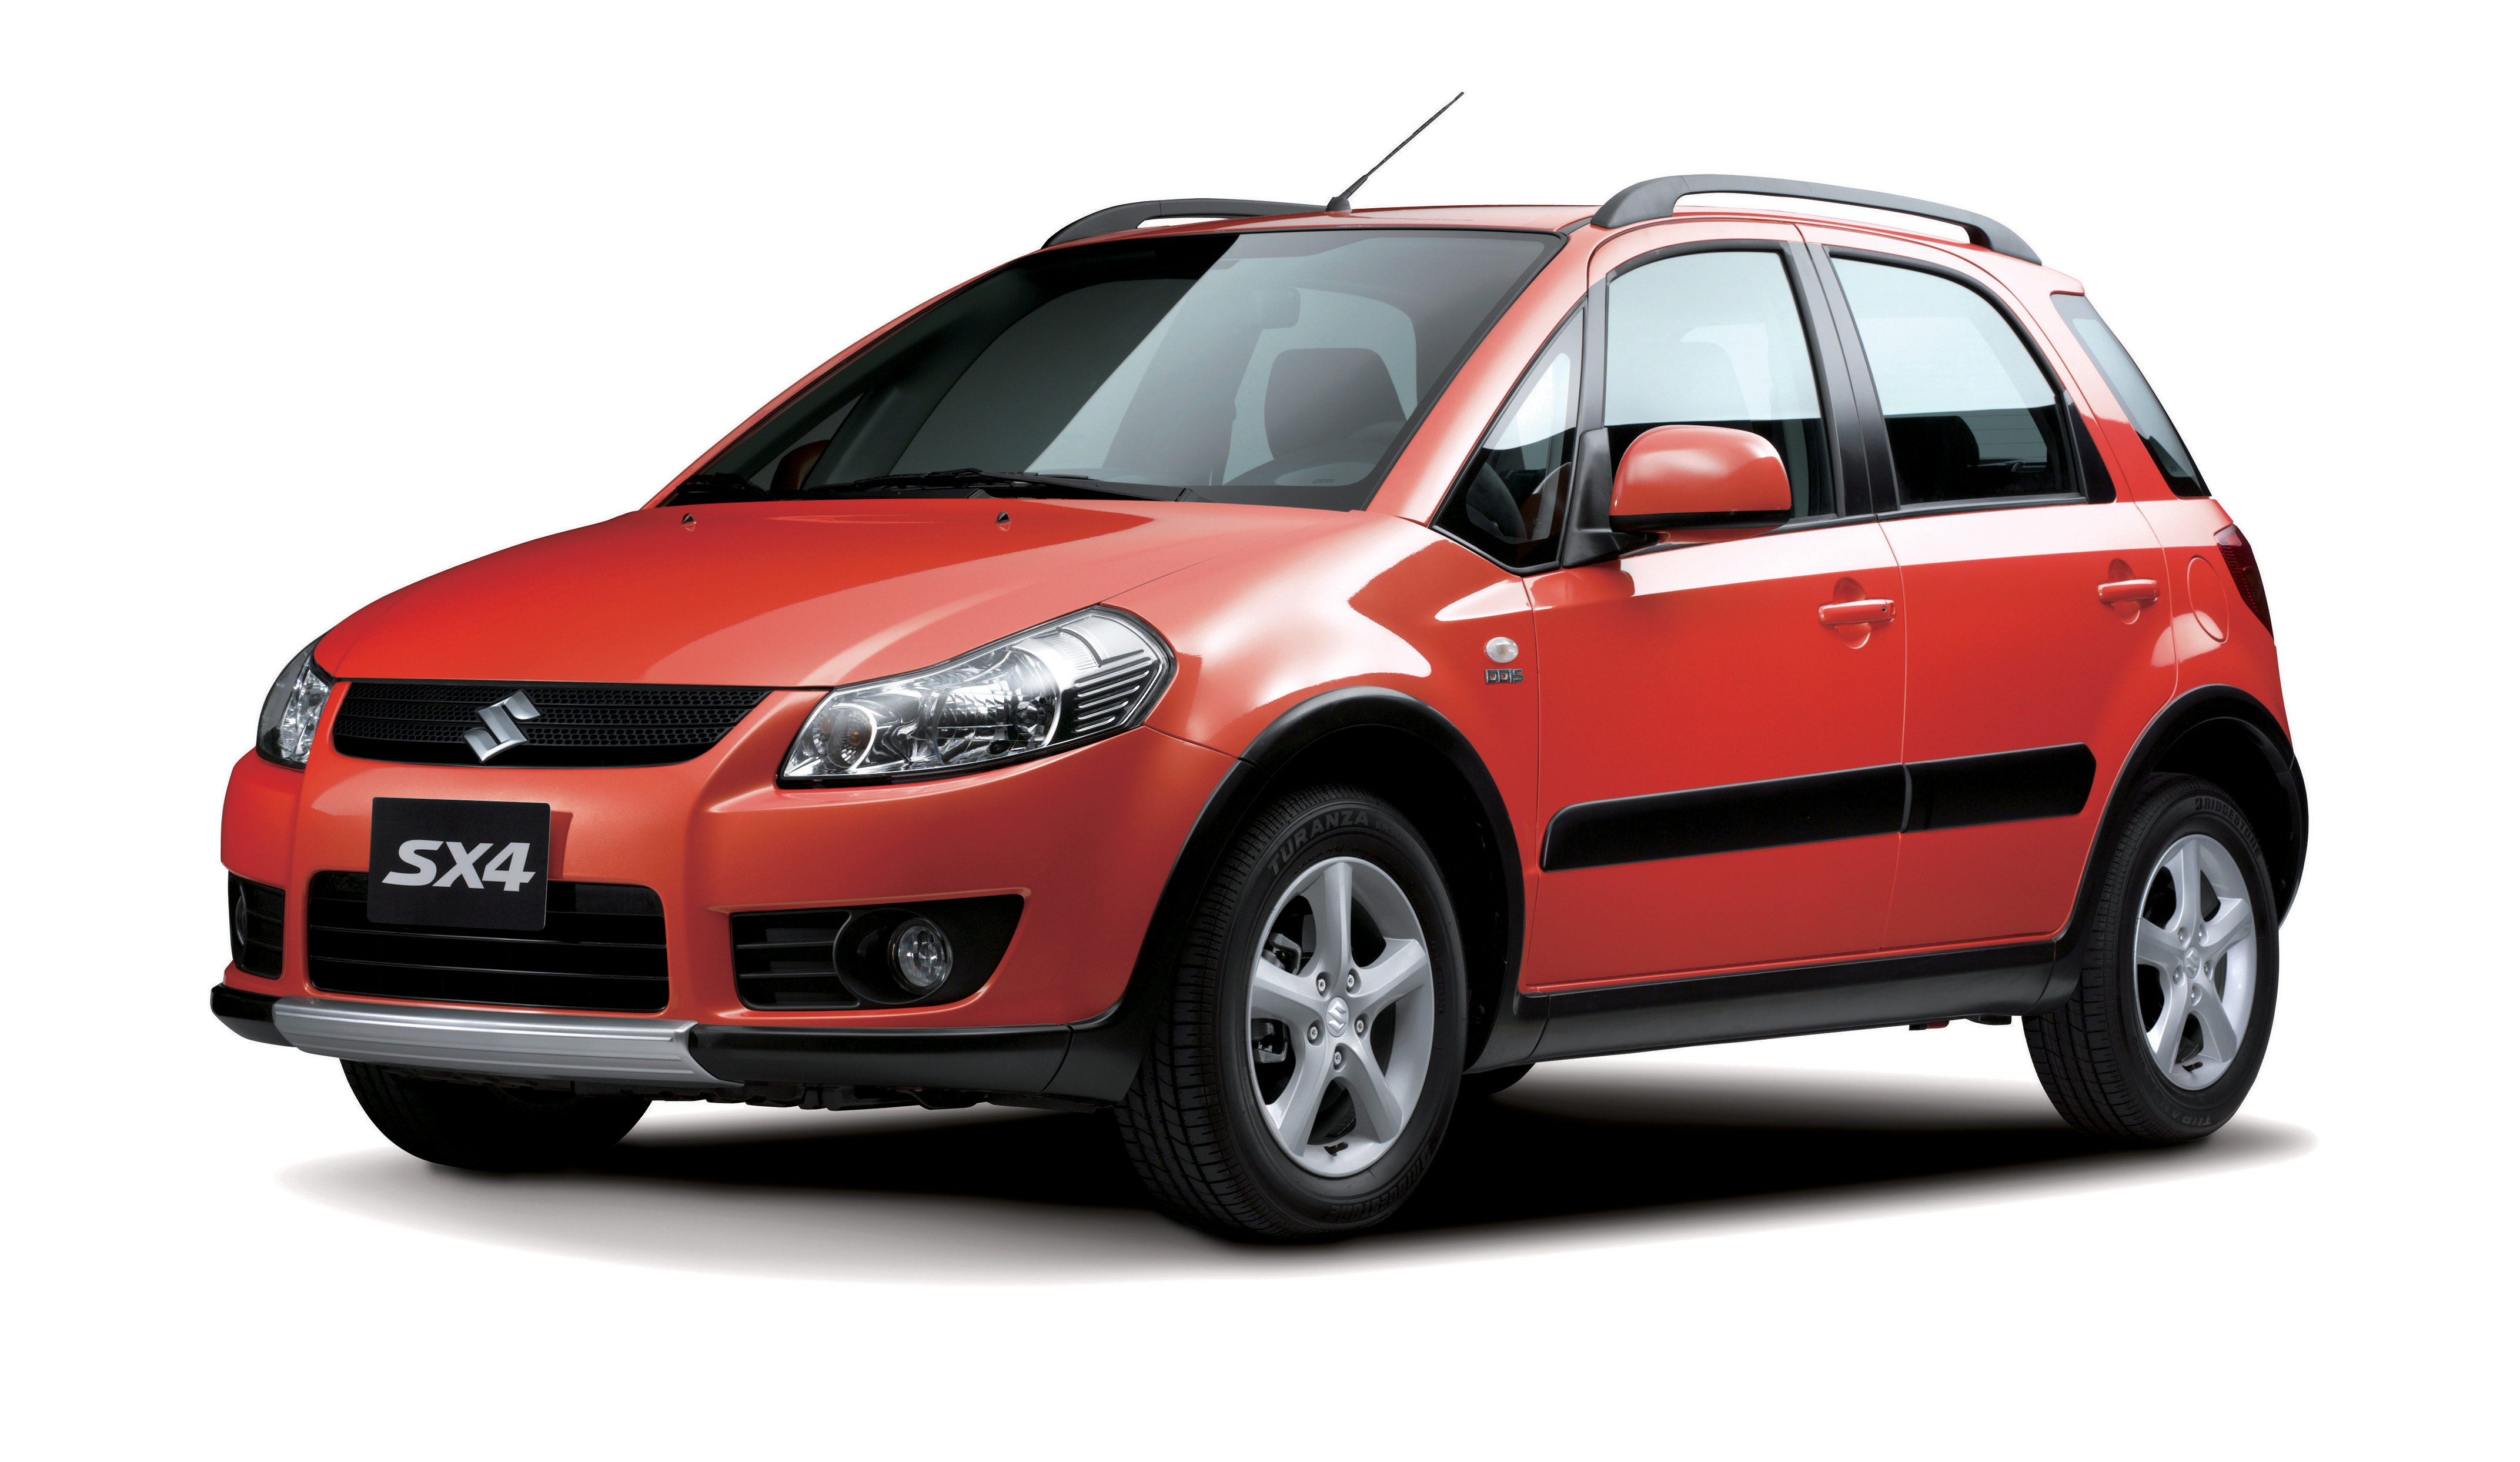 Suzuki SX4 Testy I Recenzje Zdjcia Opinie Dane